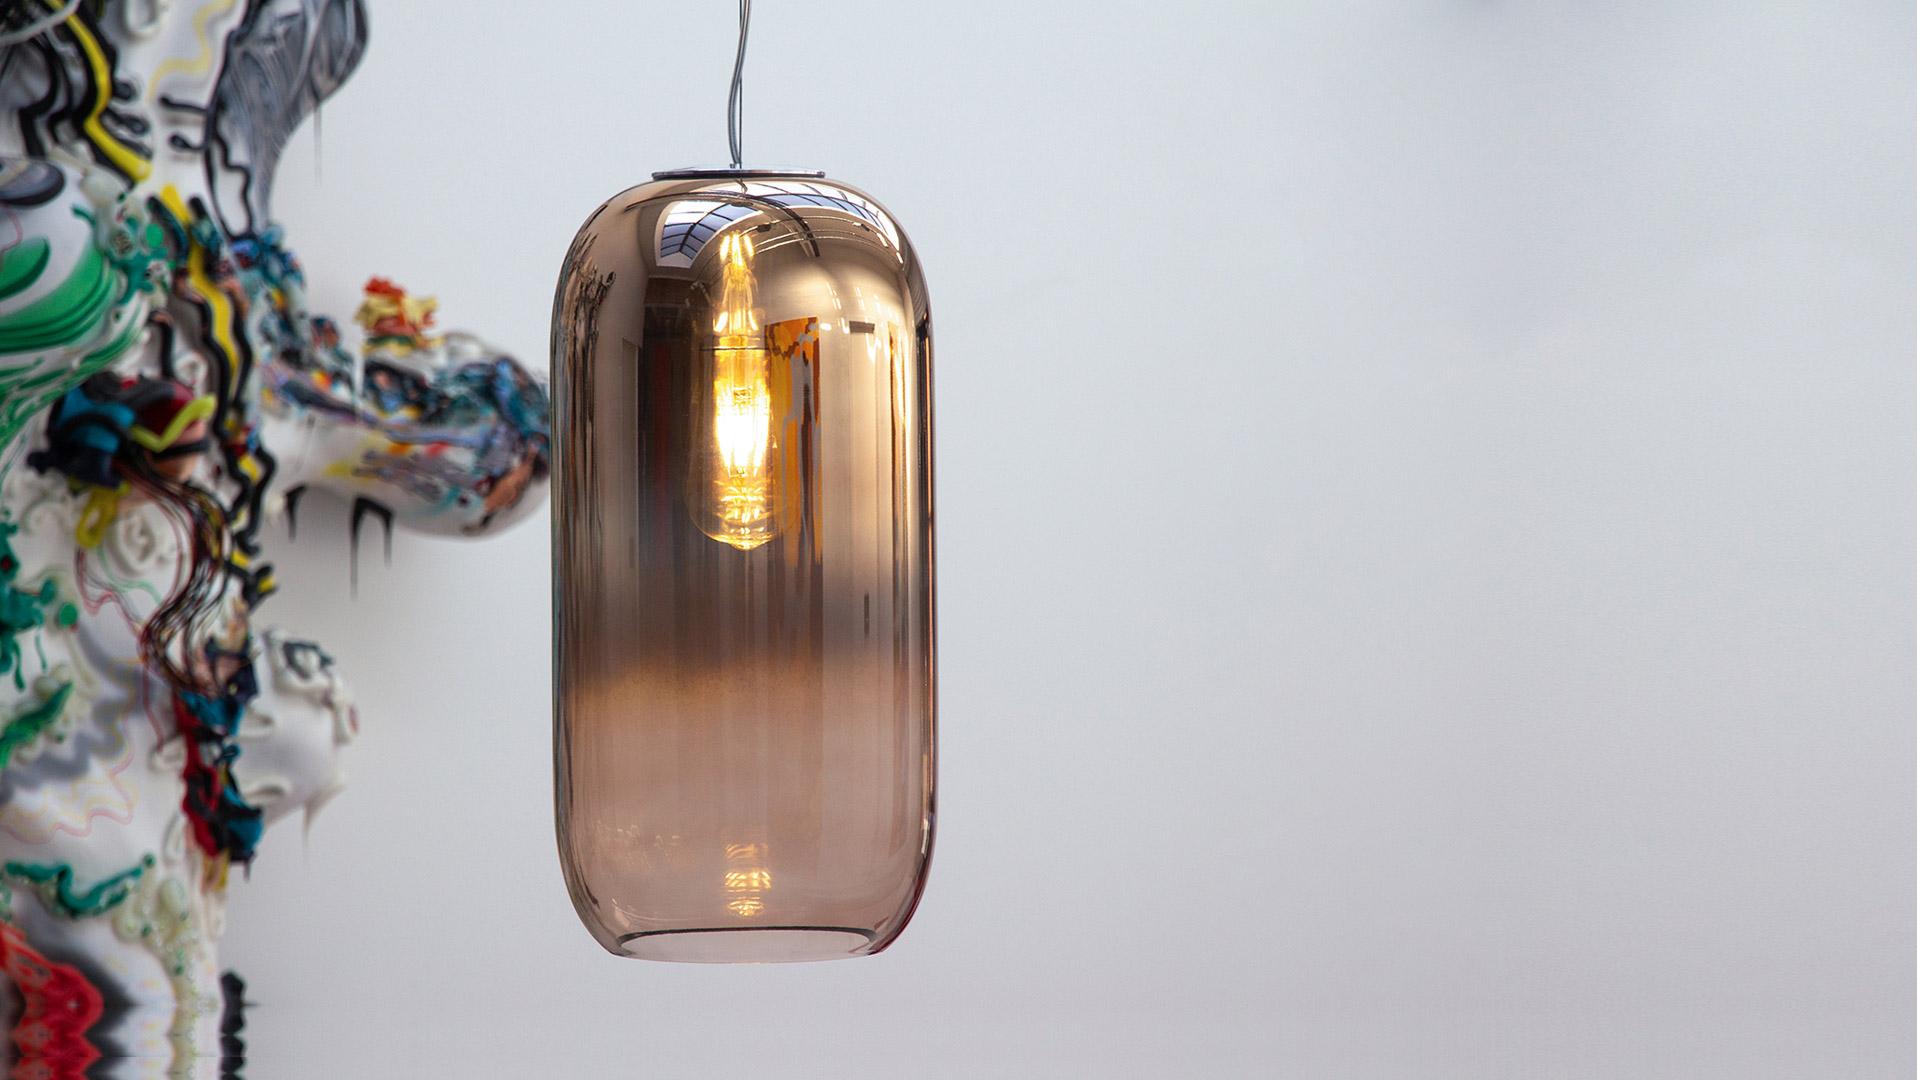 Artemide, Downtown Design, светильники Artemide, неделя дизайна, дизайн освещения, освещение, современное освещение, система освещения, управление освещением, светильник, портативный светильник, прожектор, topobject, топ объект, top object